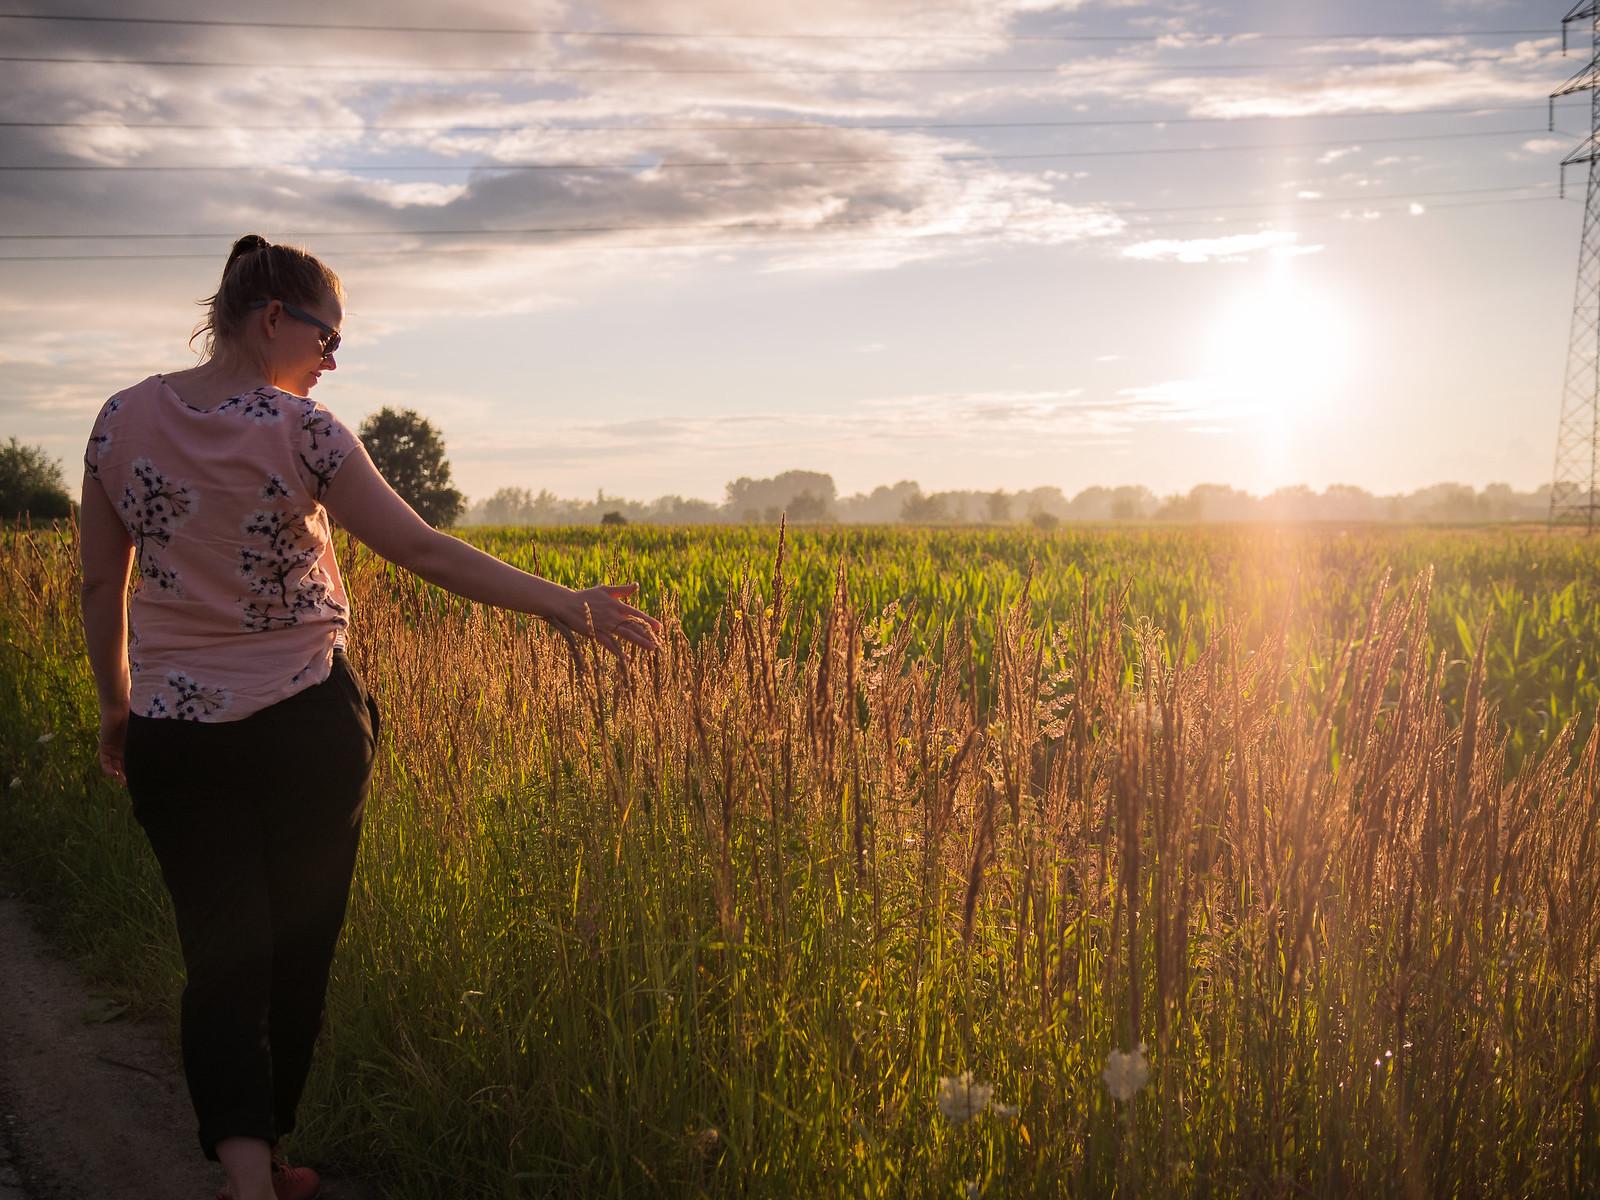 Auringonlaskun hetki Etelä-Puolassa